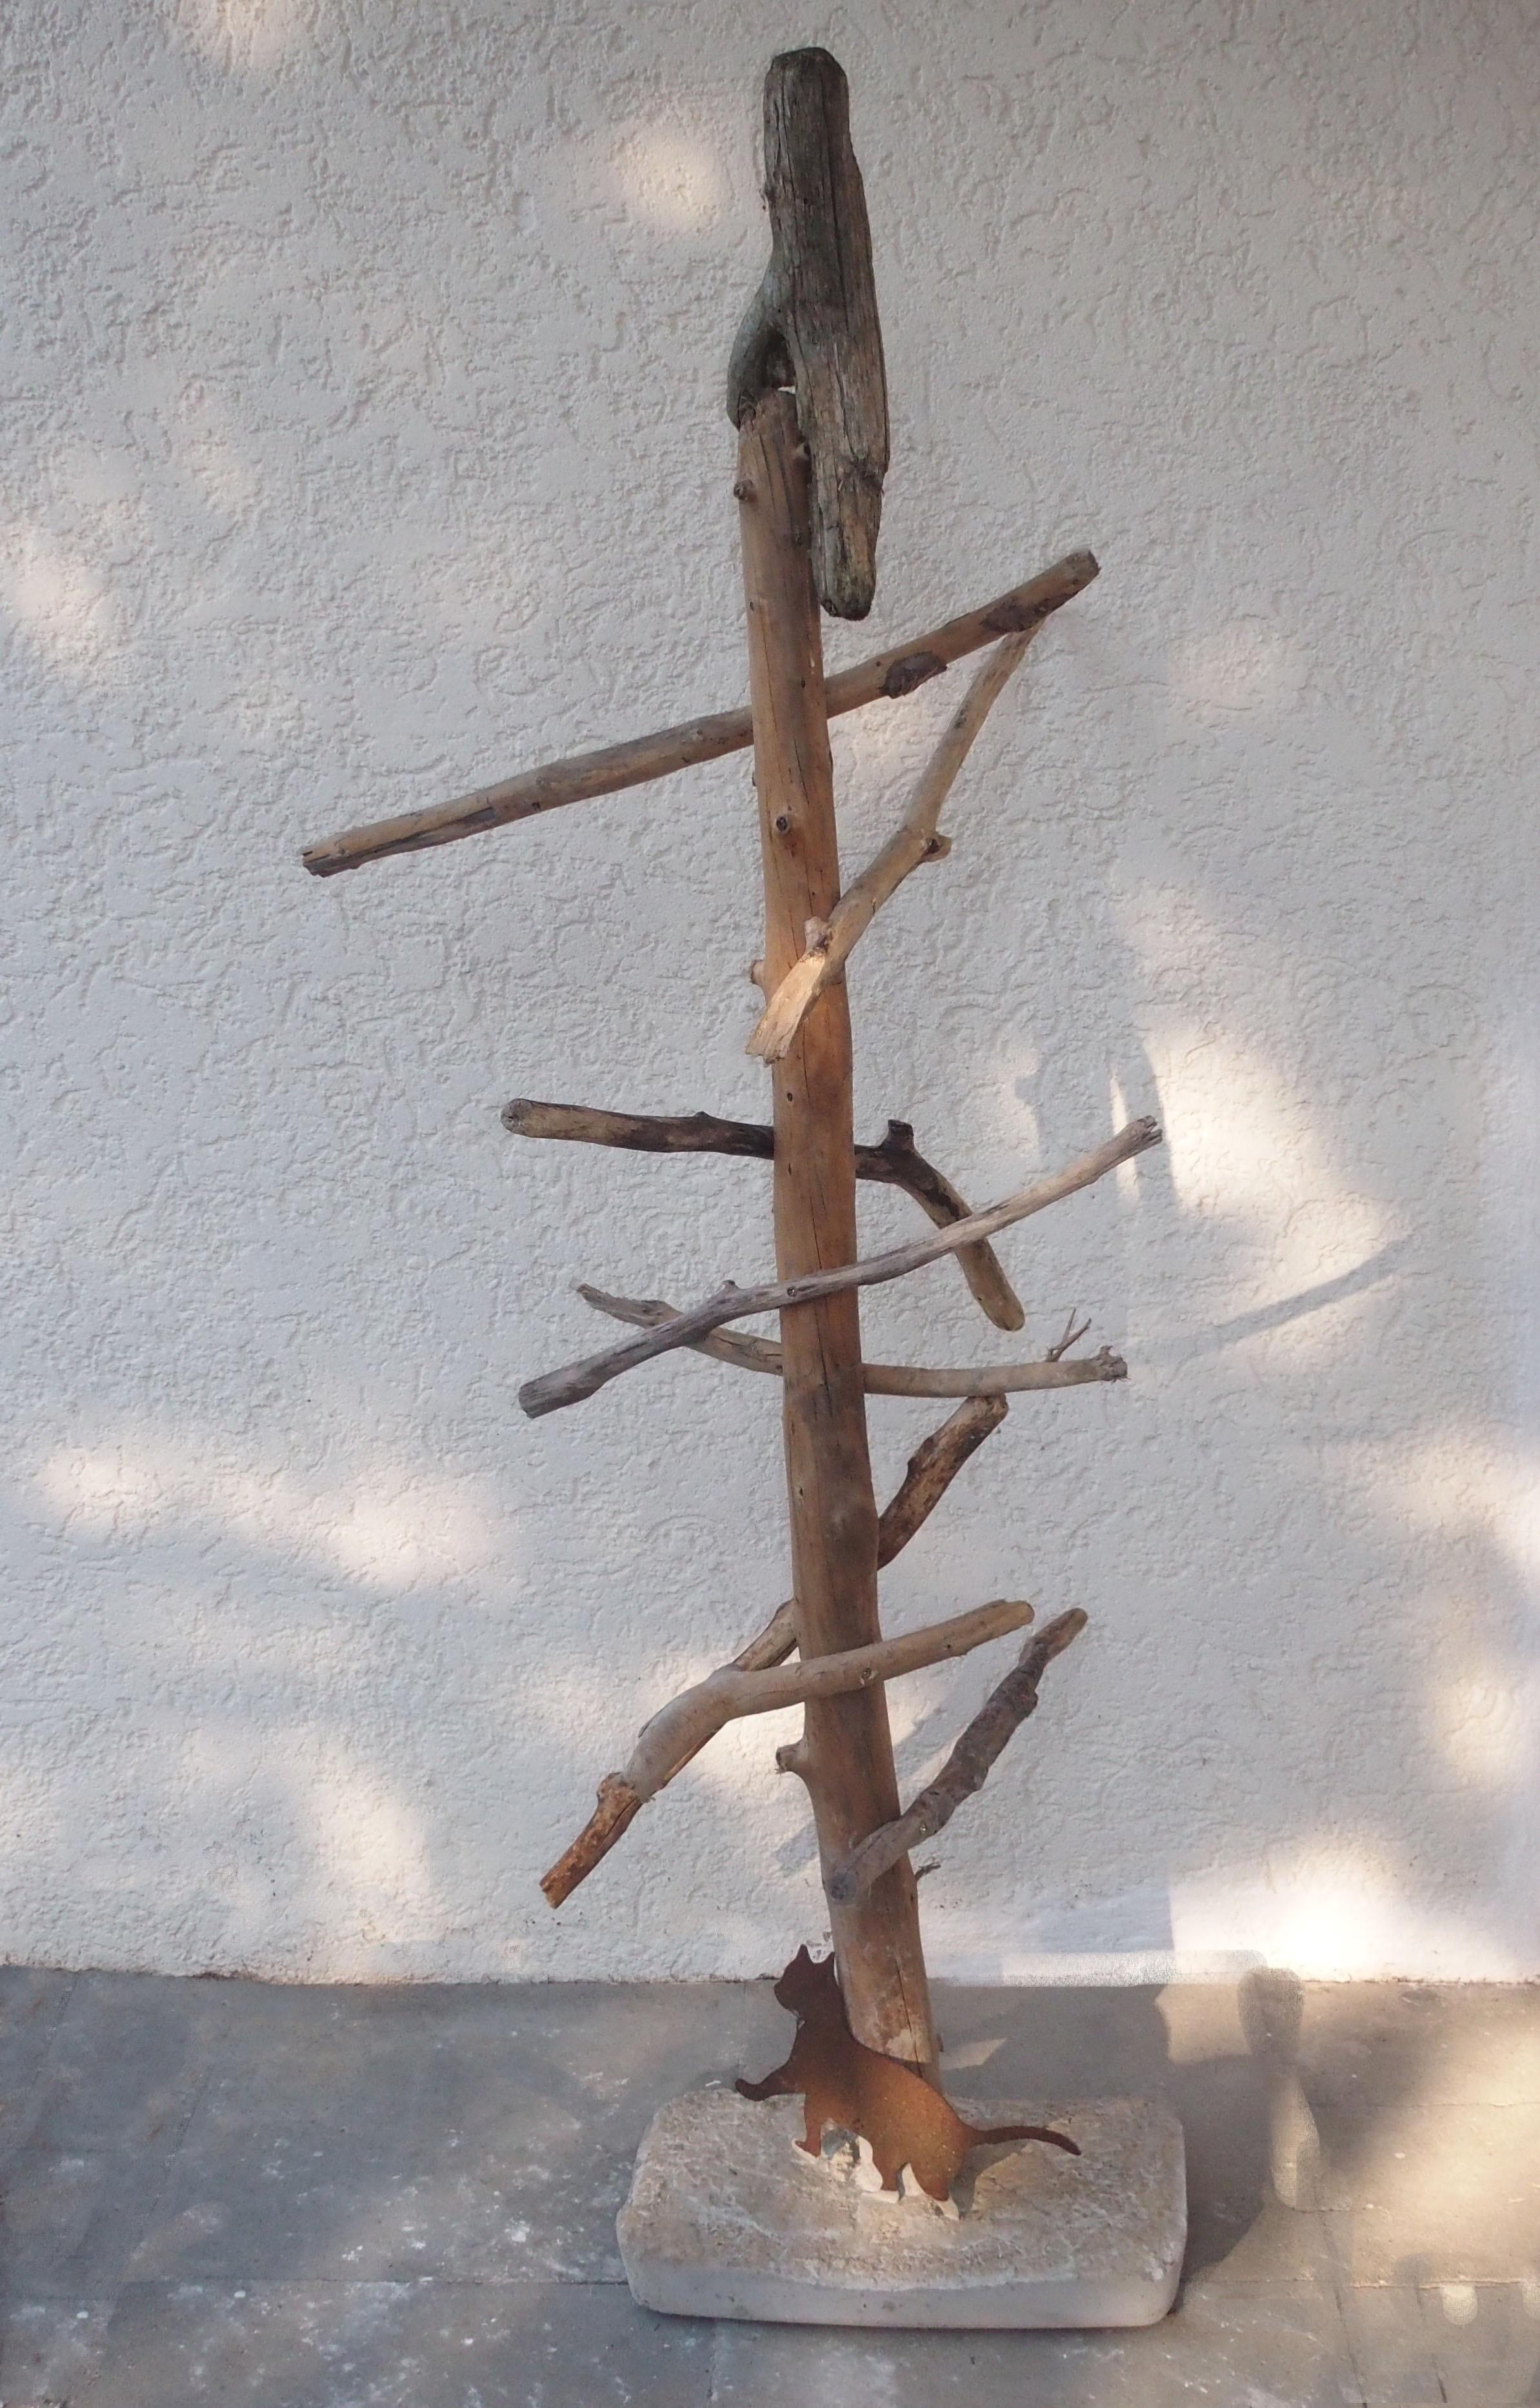 Katzenbaum 2016